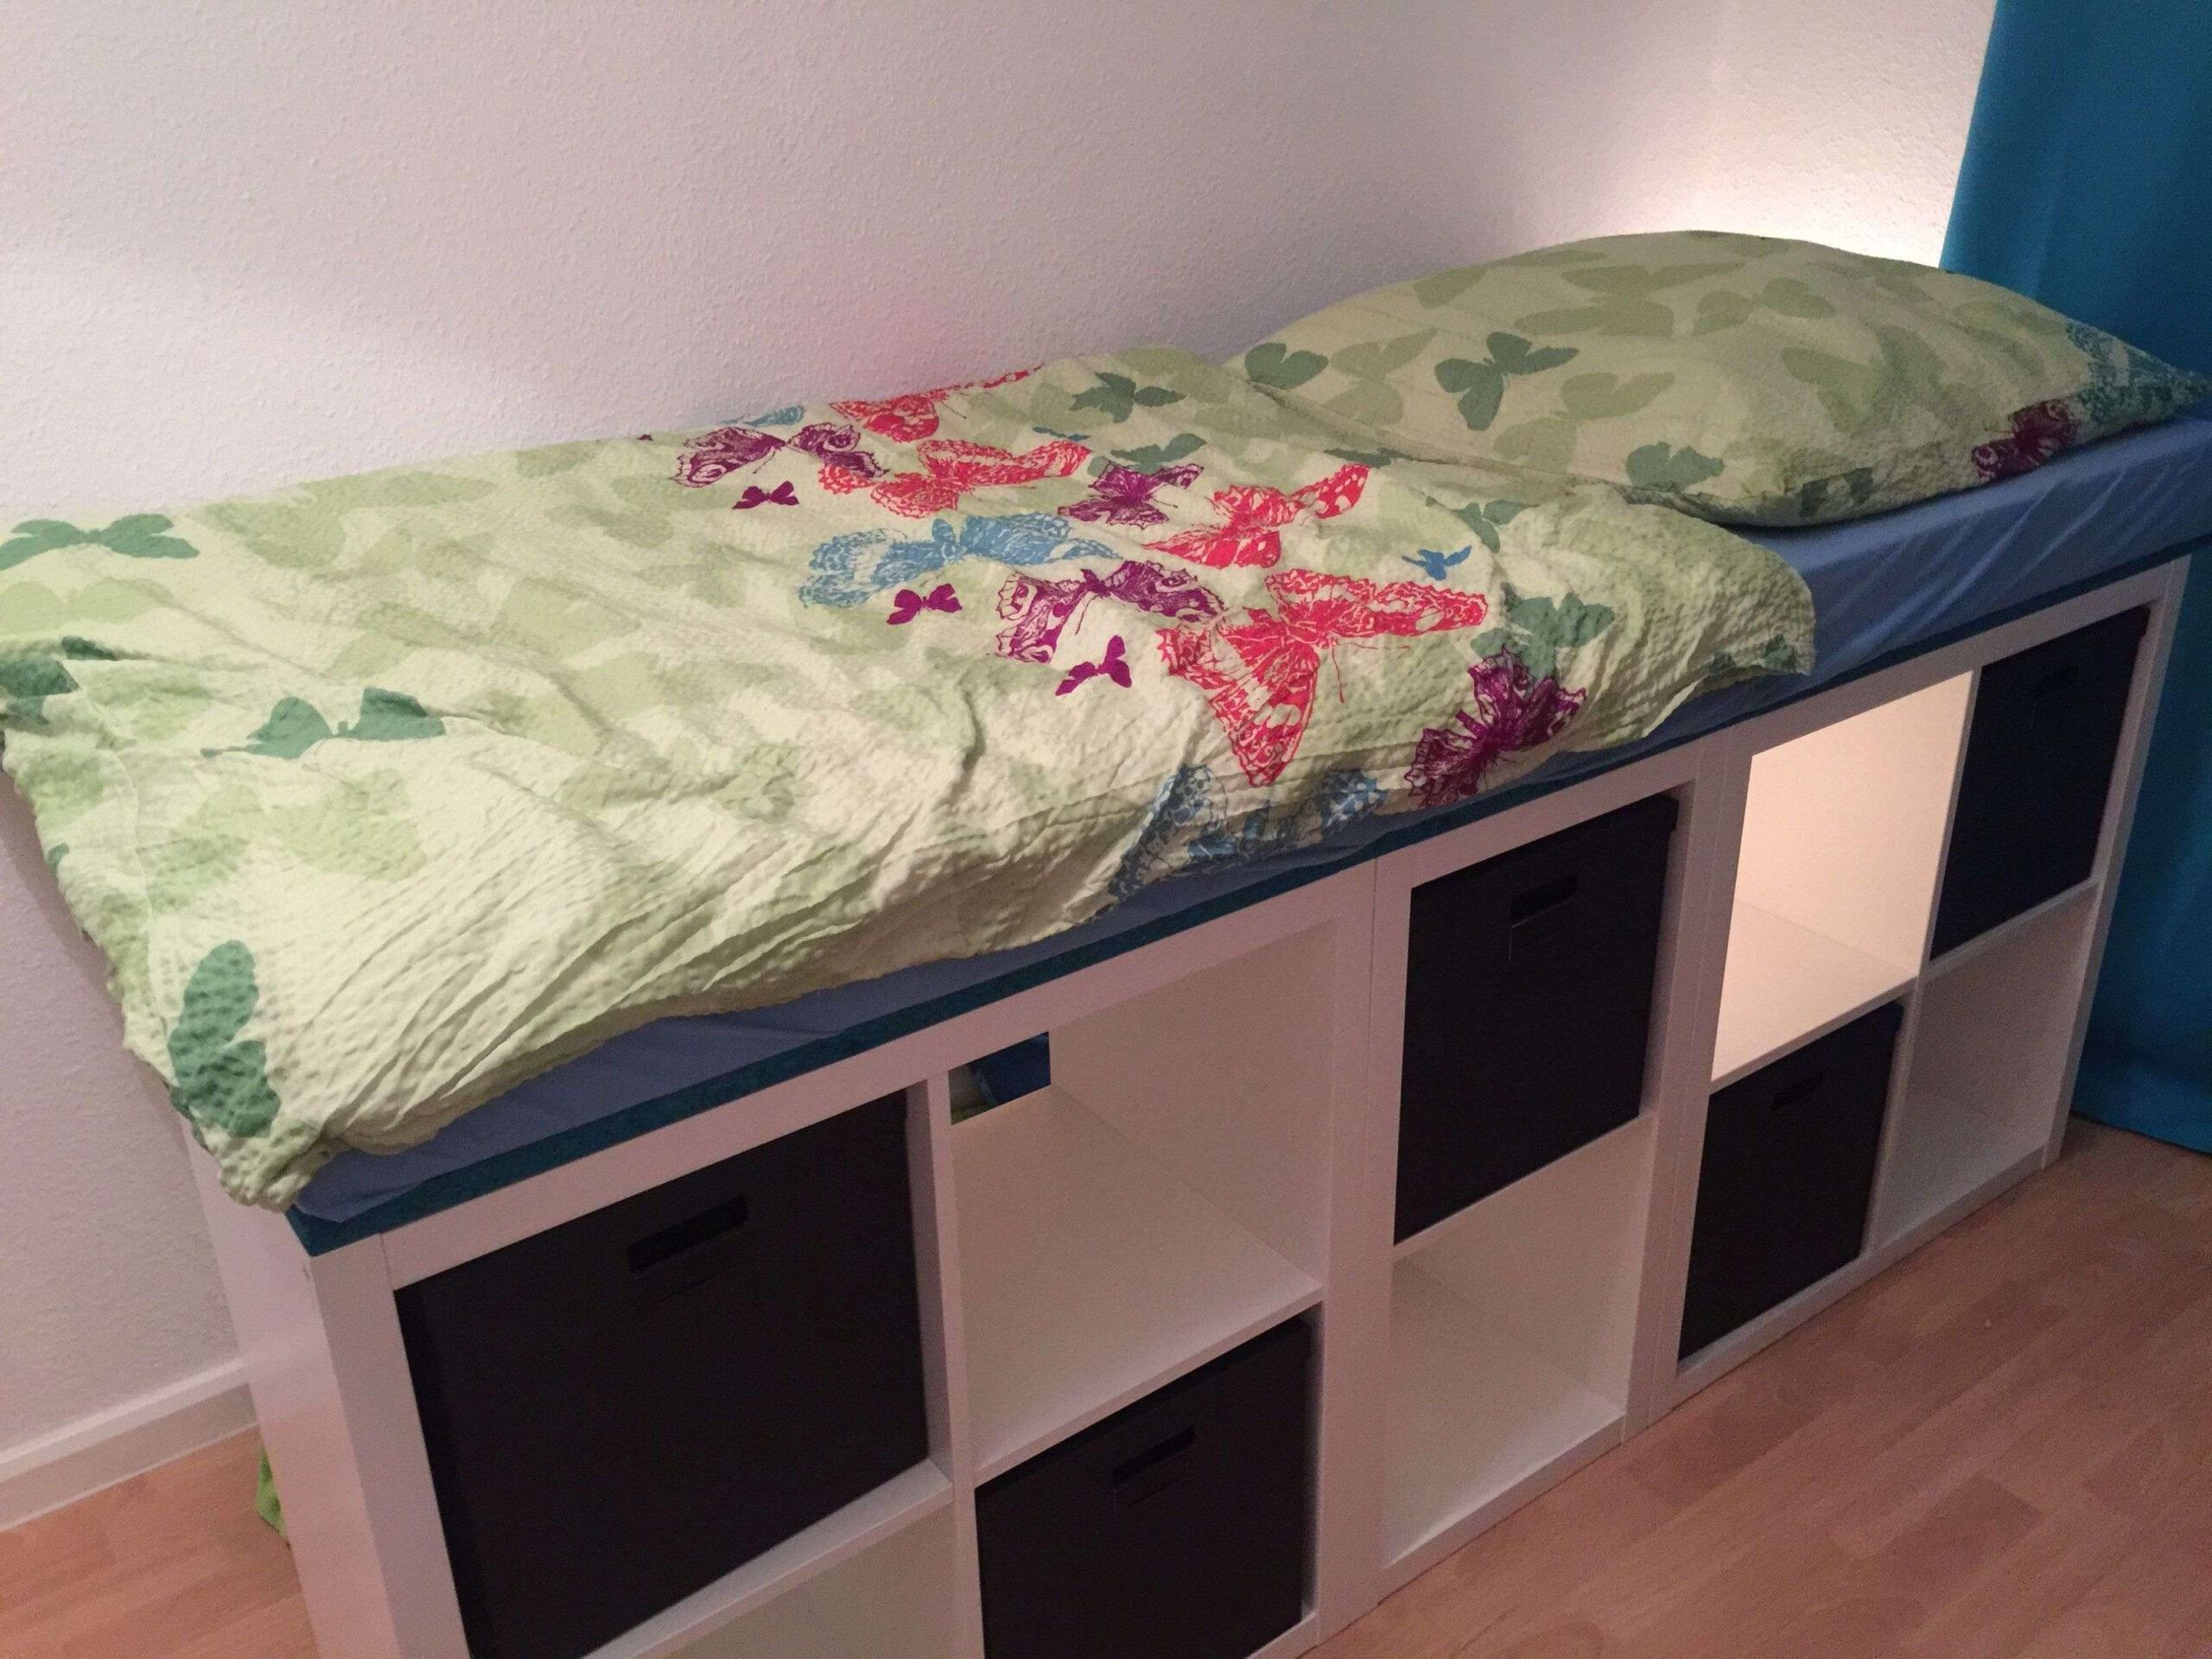 Full Size of Palettenbett Ikea Bett Aus Regalen Vianova Project 3a Fhrung Beste Mbelideen Miniküche Küche Kosten Kaufen Sofa Mit Schlaffunktion Modulküche Betten Bei Wohnzimmer Palettenbett Ikea